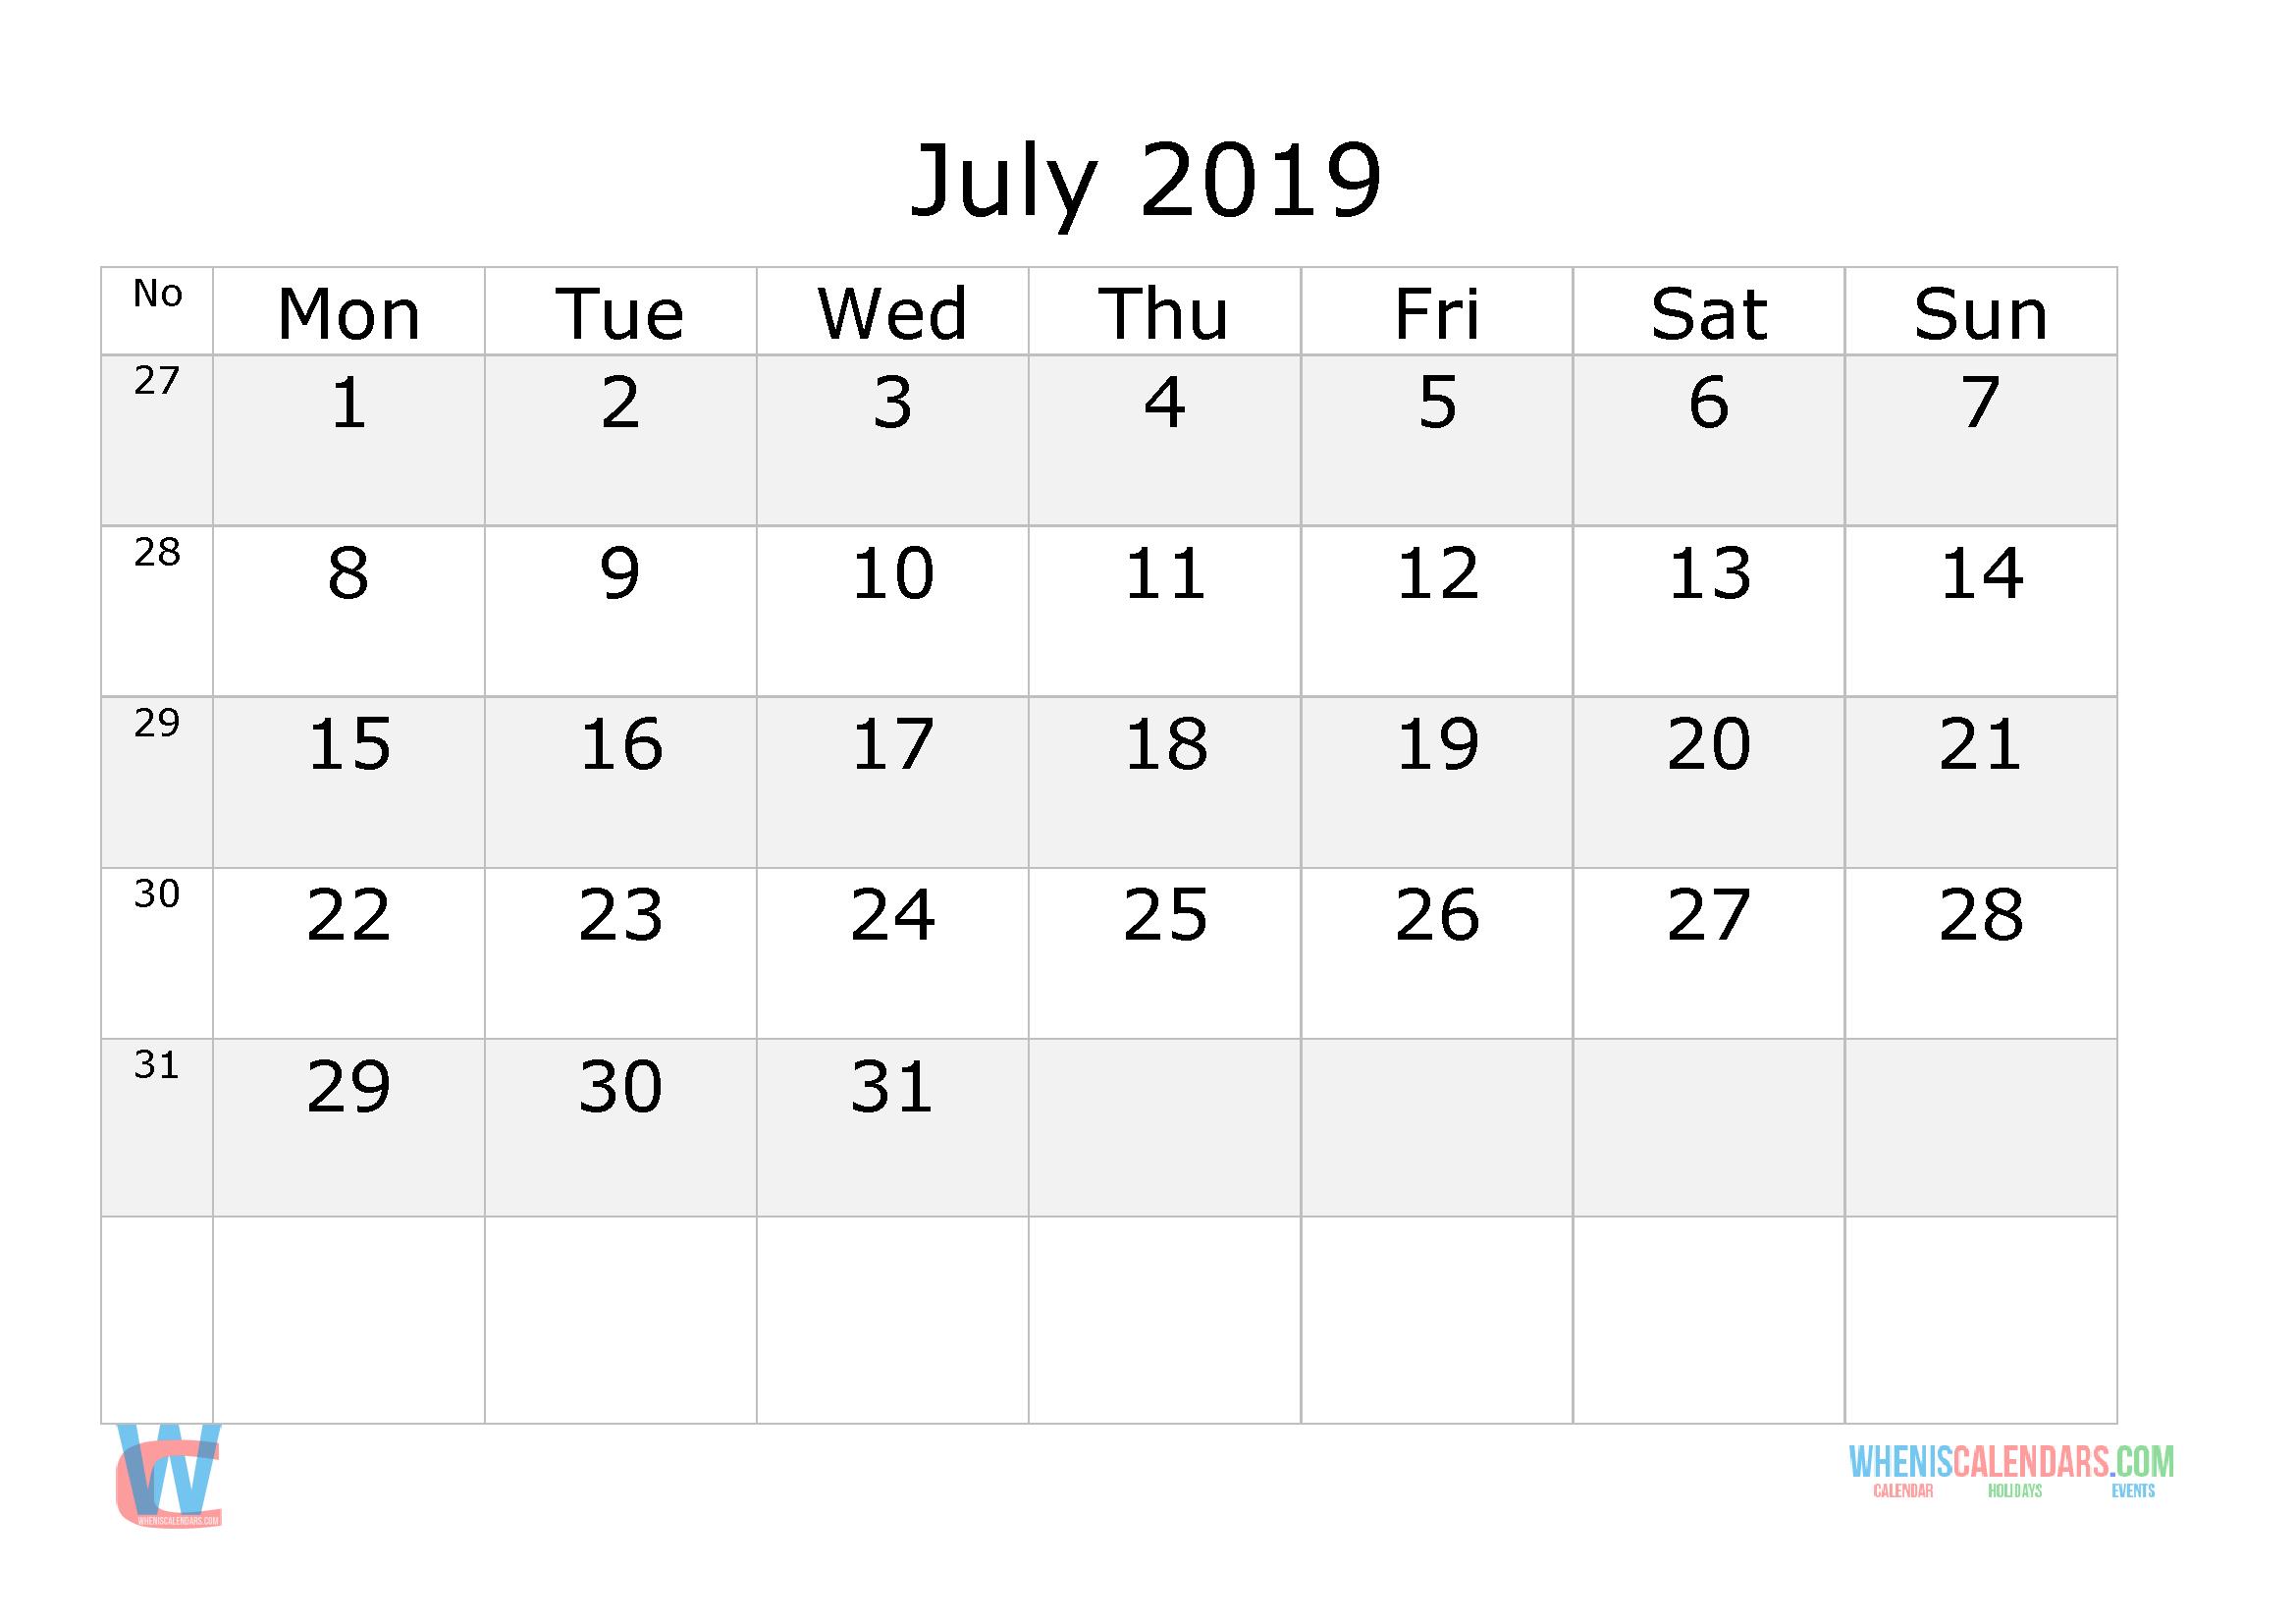 July 2019 Calendar With Week Numbers Printable Start 1